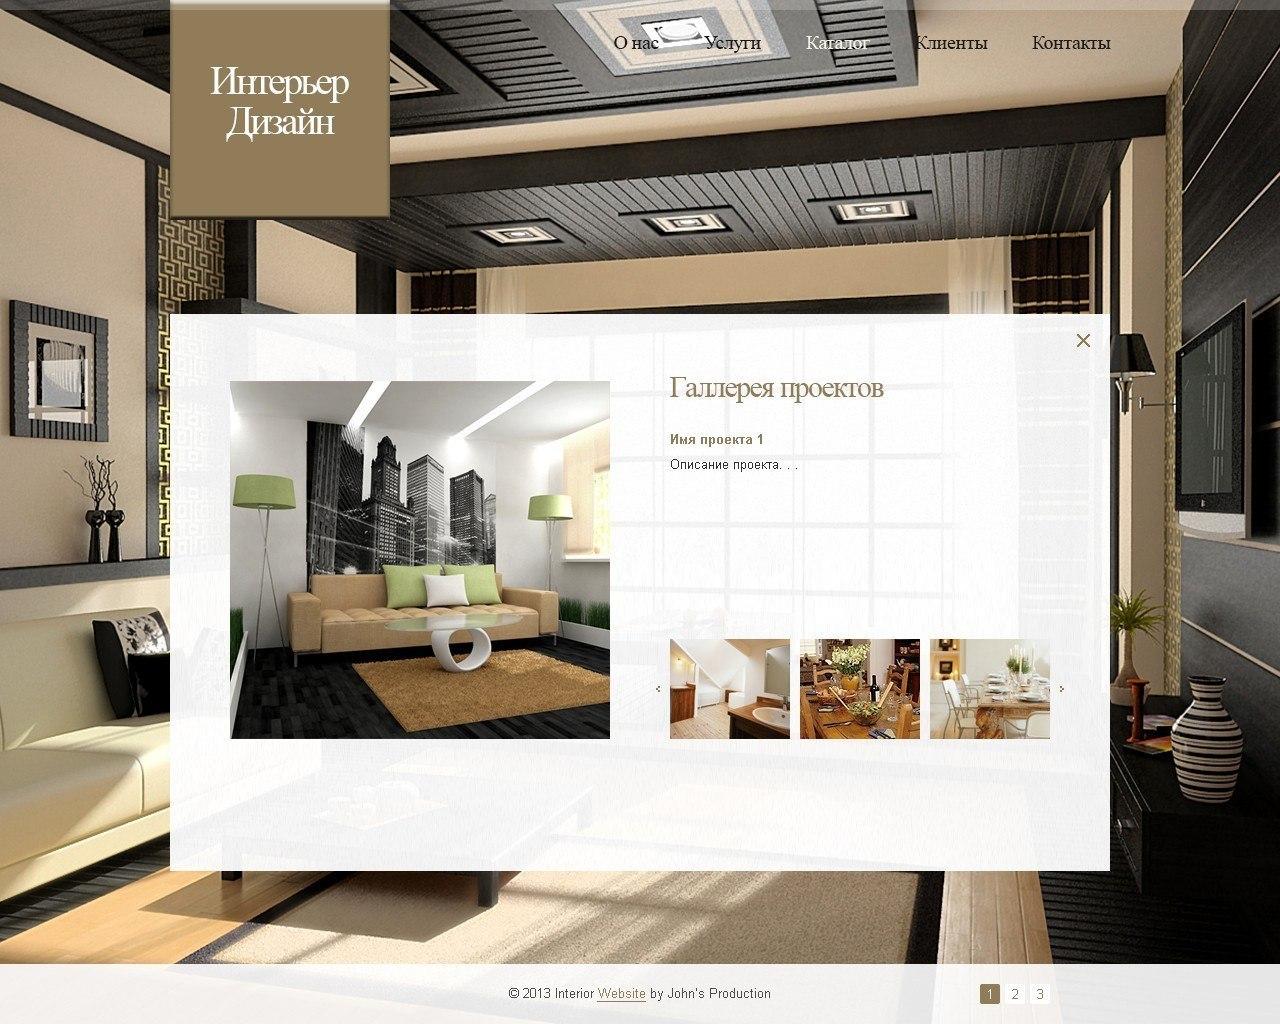 Продвижение сайтов по интерьеру параметры для создания сайта в фотошопе